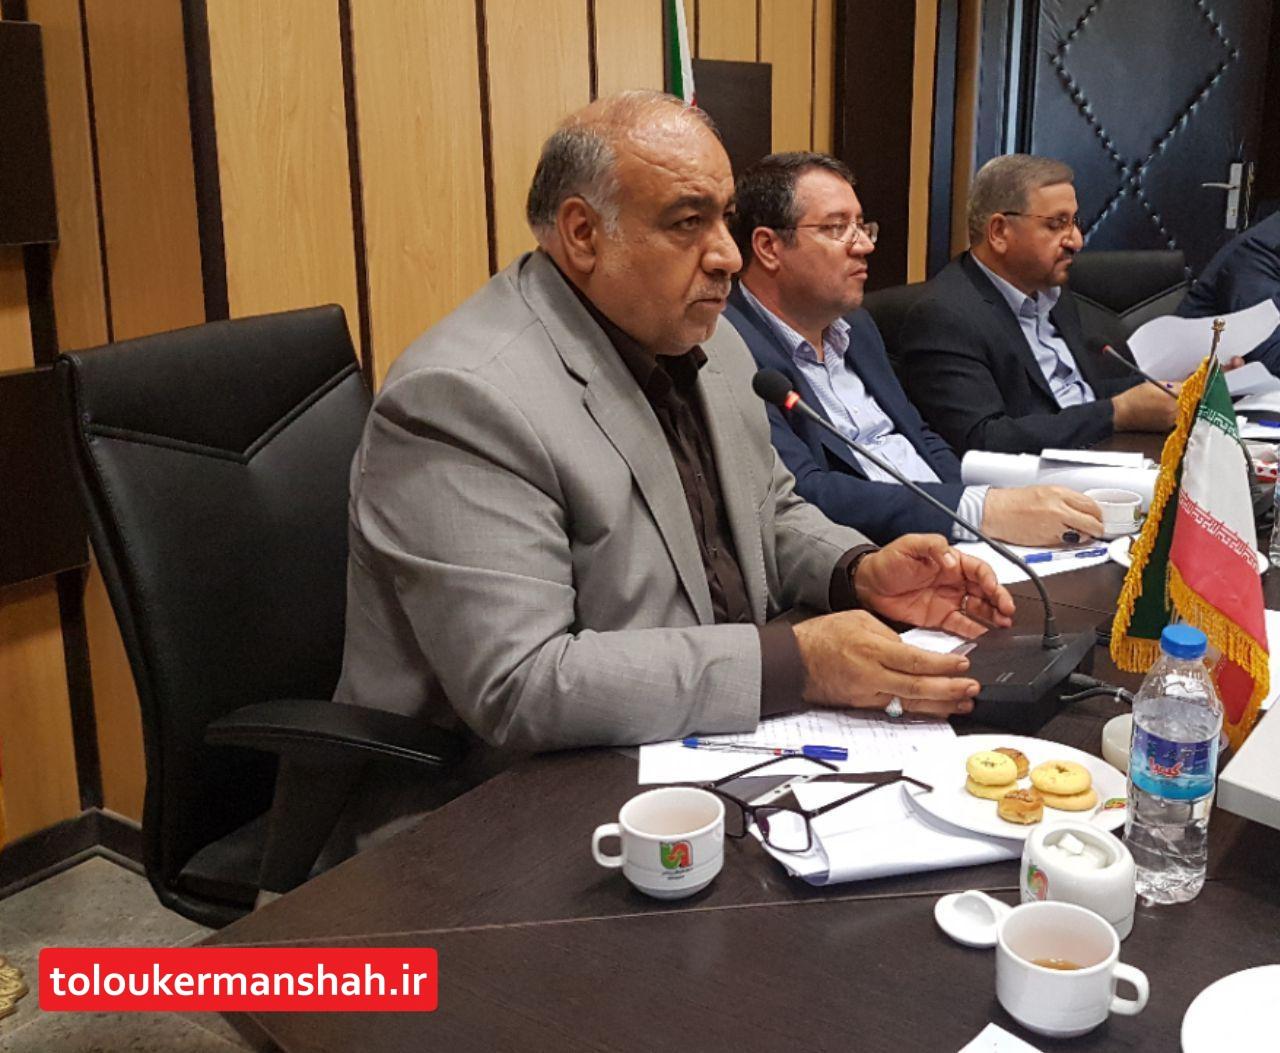 بازگشایی مرز خسروی و ایجاد شهرک صنعتی مشترک ایران و عراق مطالبات مردم و استاندار کرمانشاه